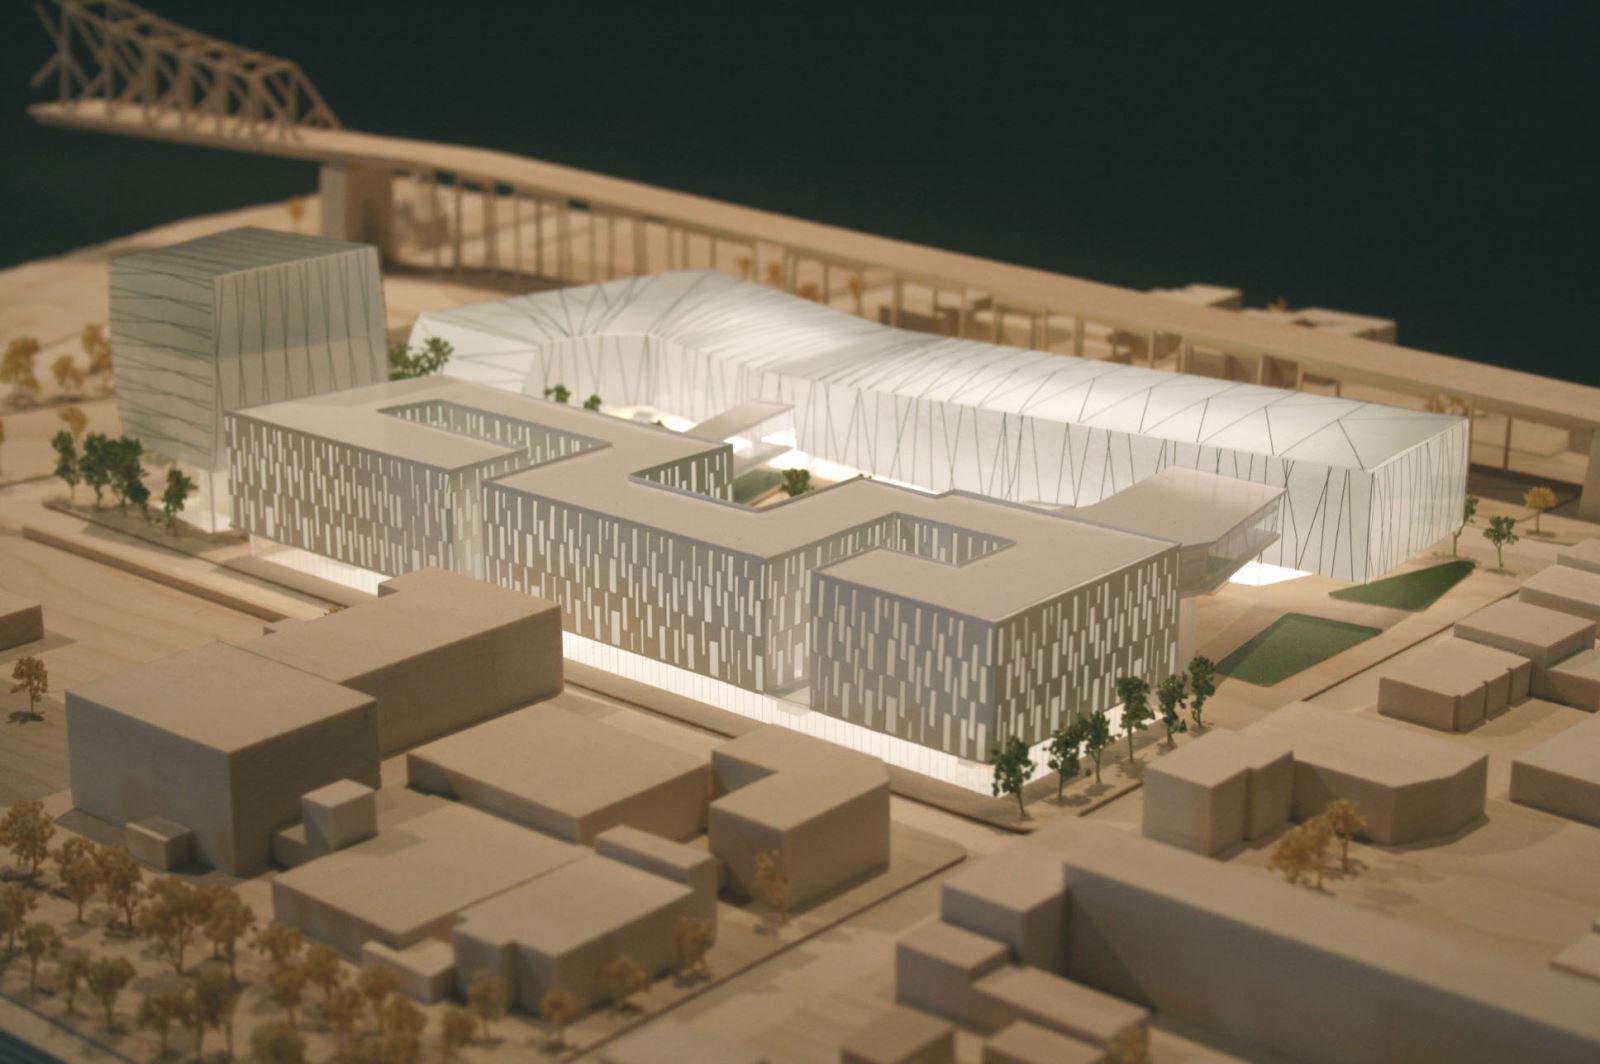 Atelier s conception de maquettes architecturales index for Domaine architecture